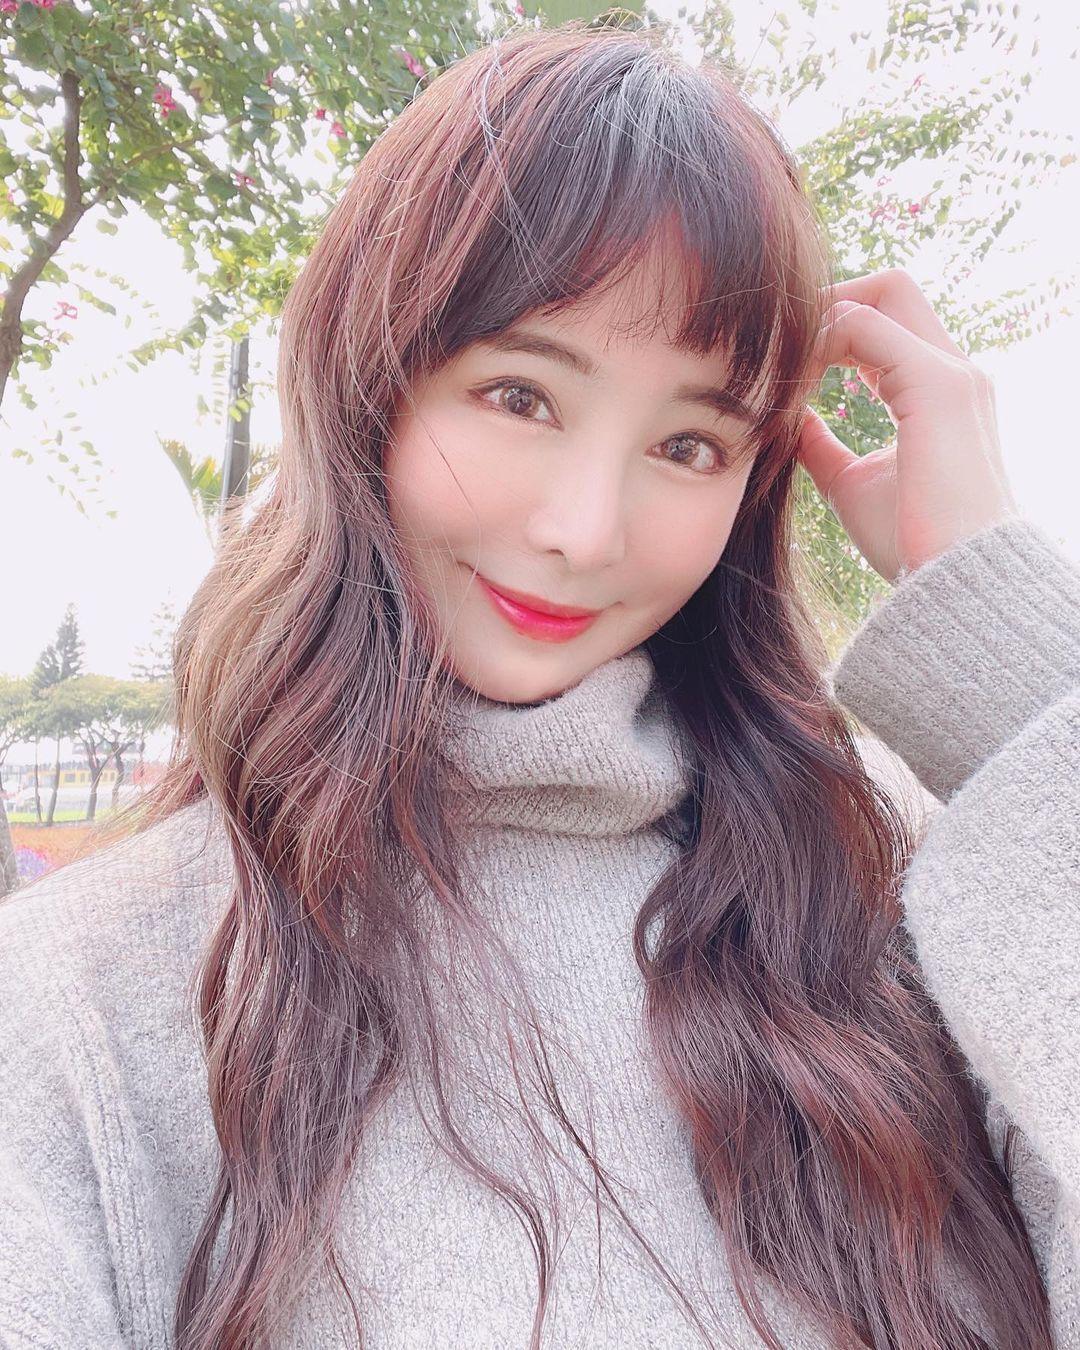 超活力正妹「OneOne李采依」穿上火辣啦啦队服应援-新图包